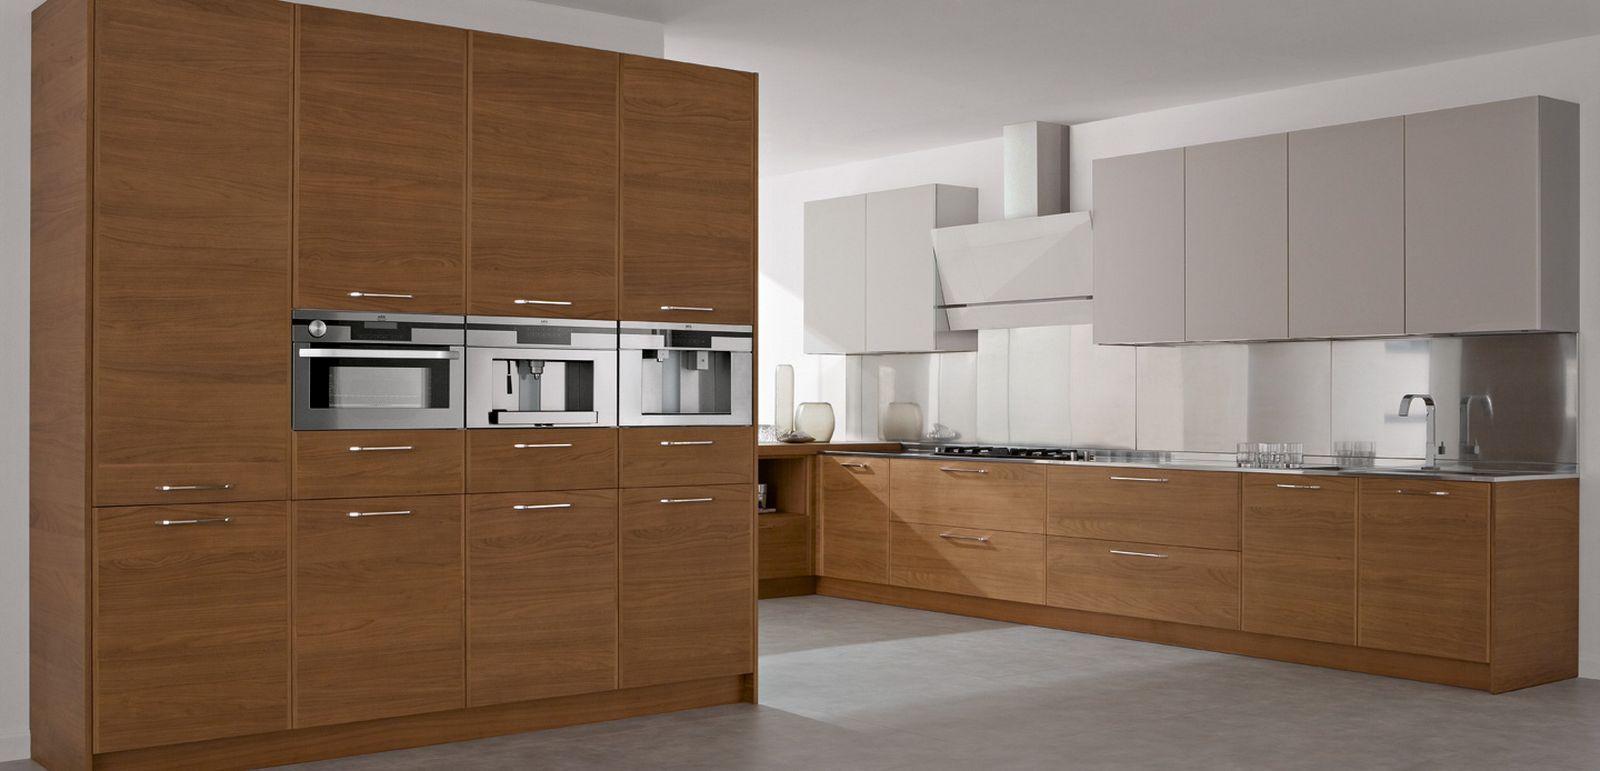 Kitchen Modern Interior Kitchen With Wood Concept Featuring